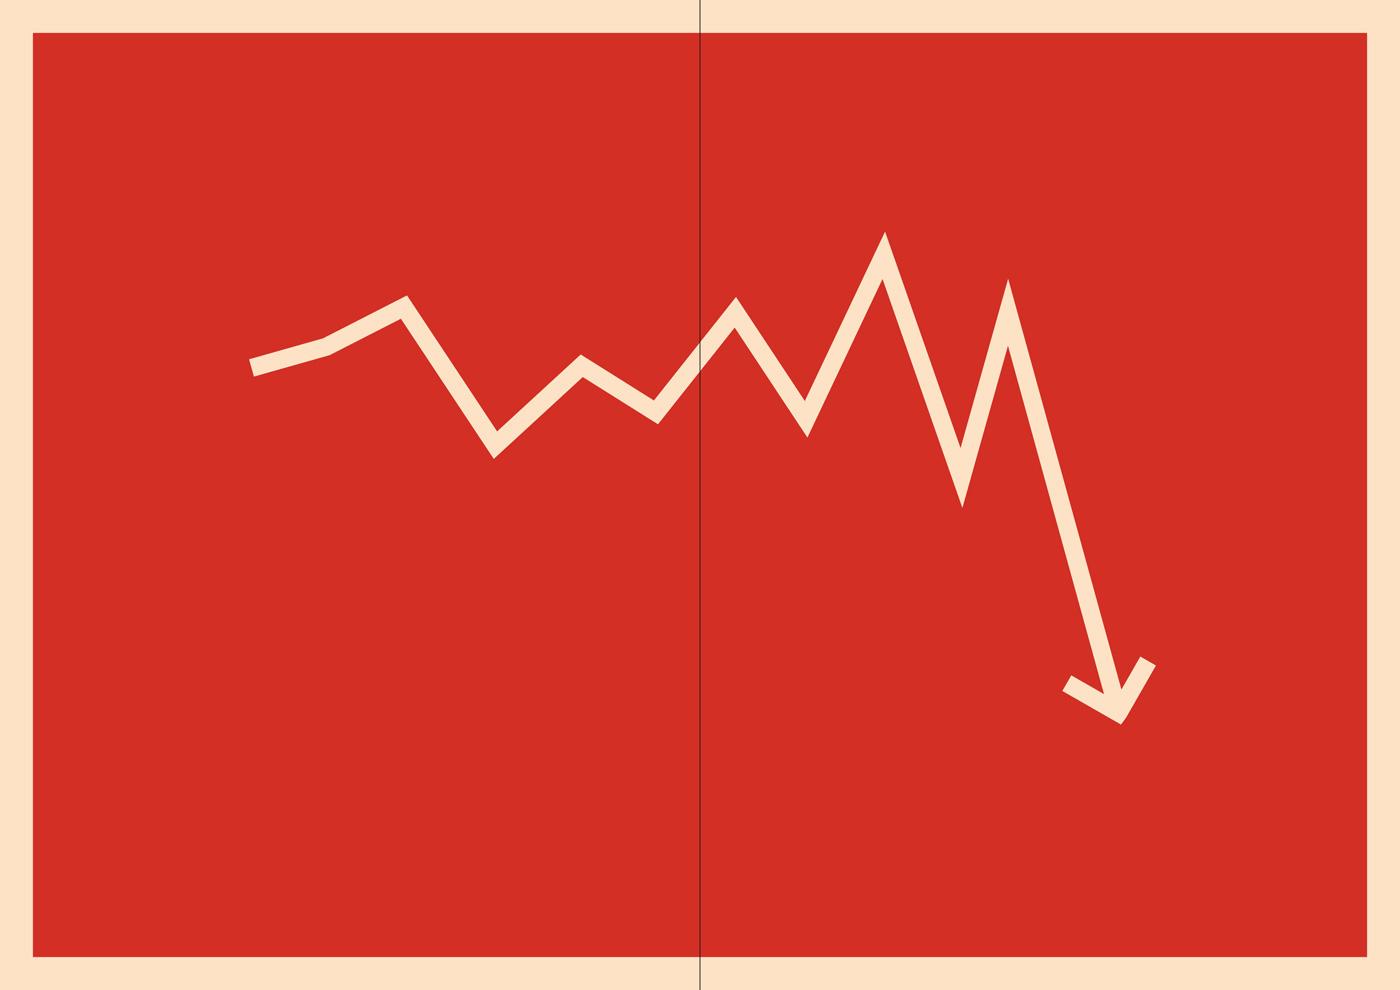 Les indicateurs avancés montrent que l'économie mondiale va entrer en récession